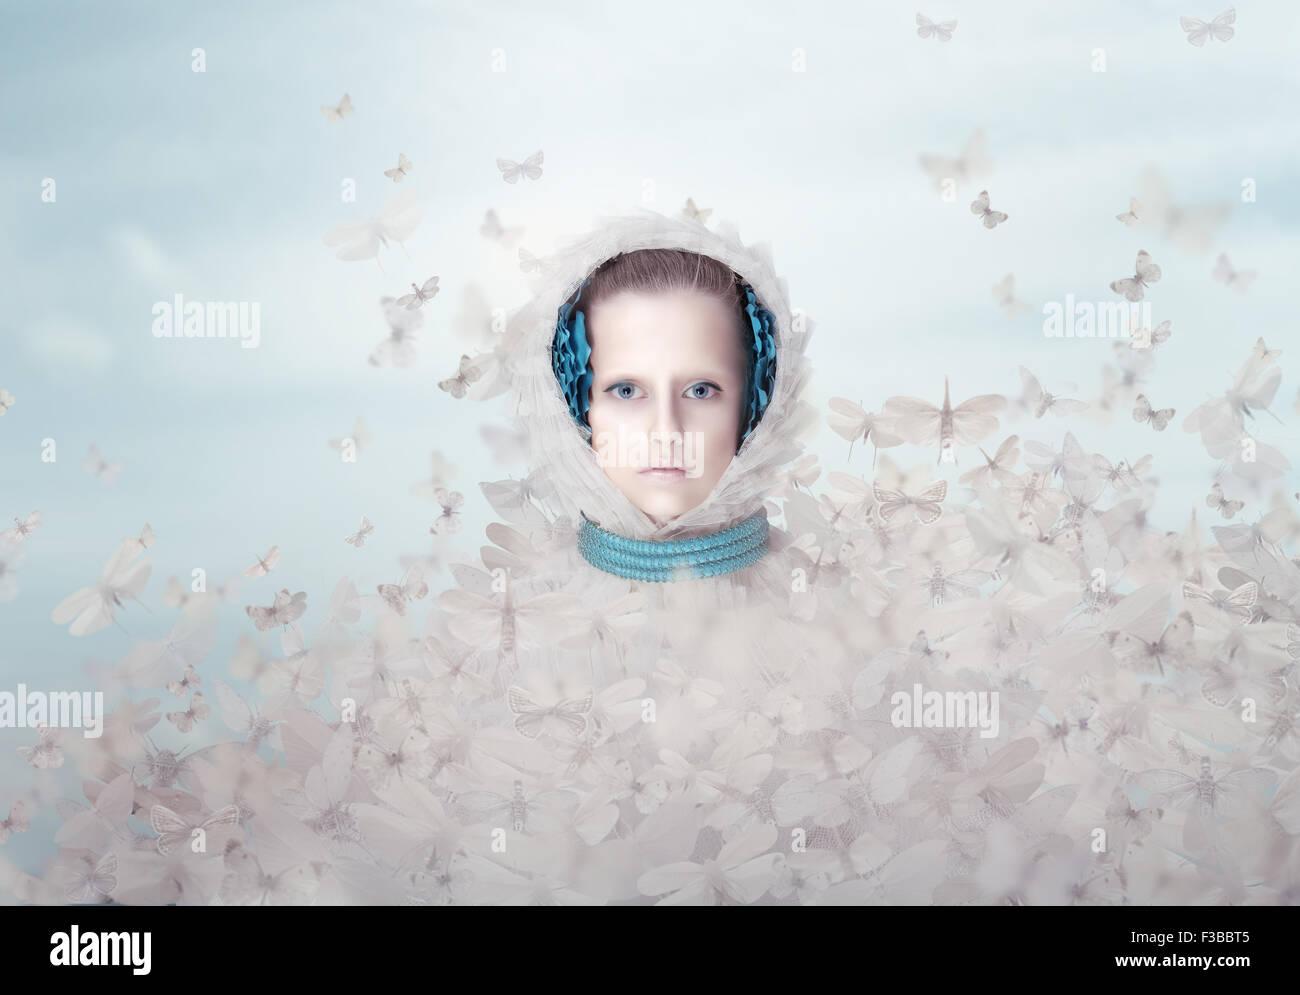 La fantasía. Mujer futurista con mariposas volando Imagen De Stock